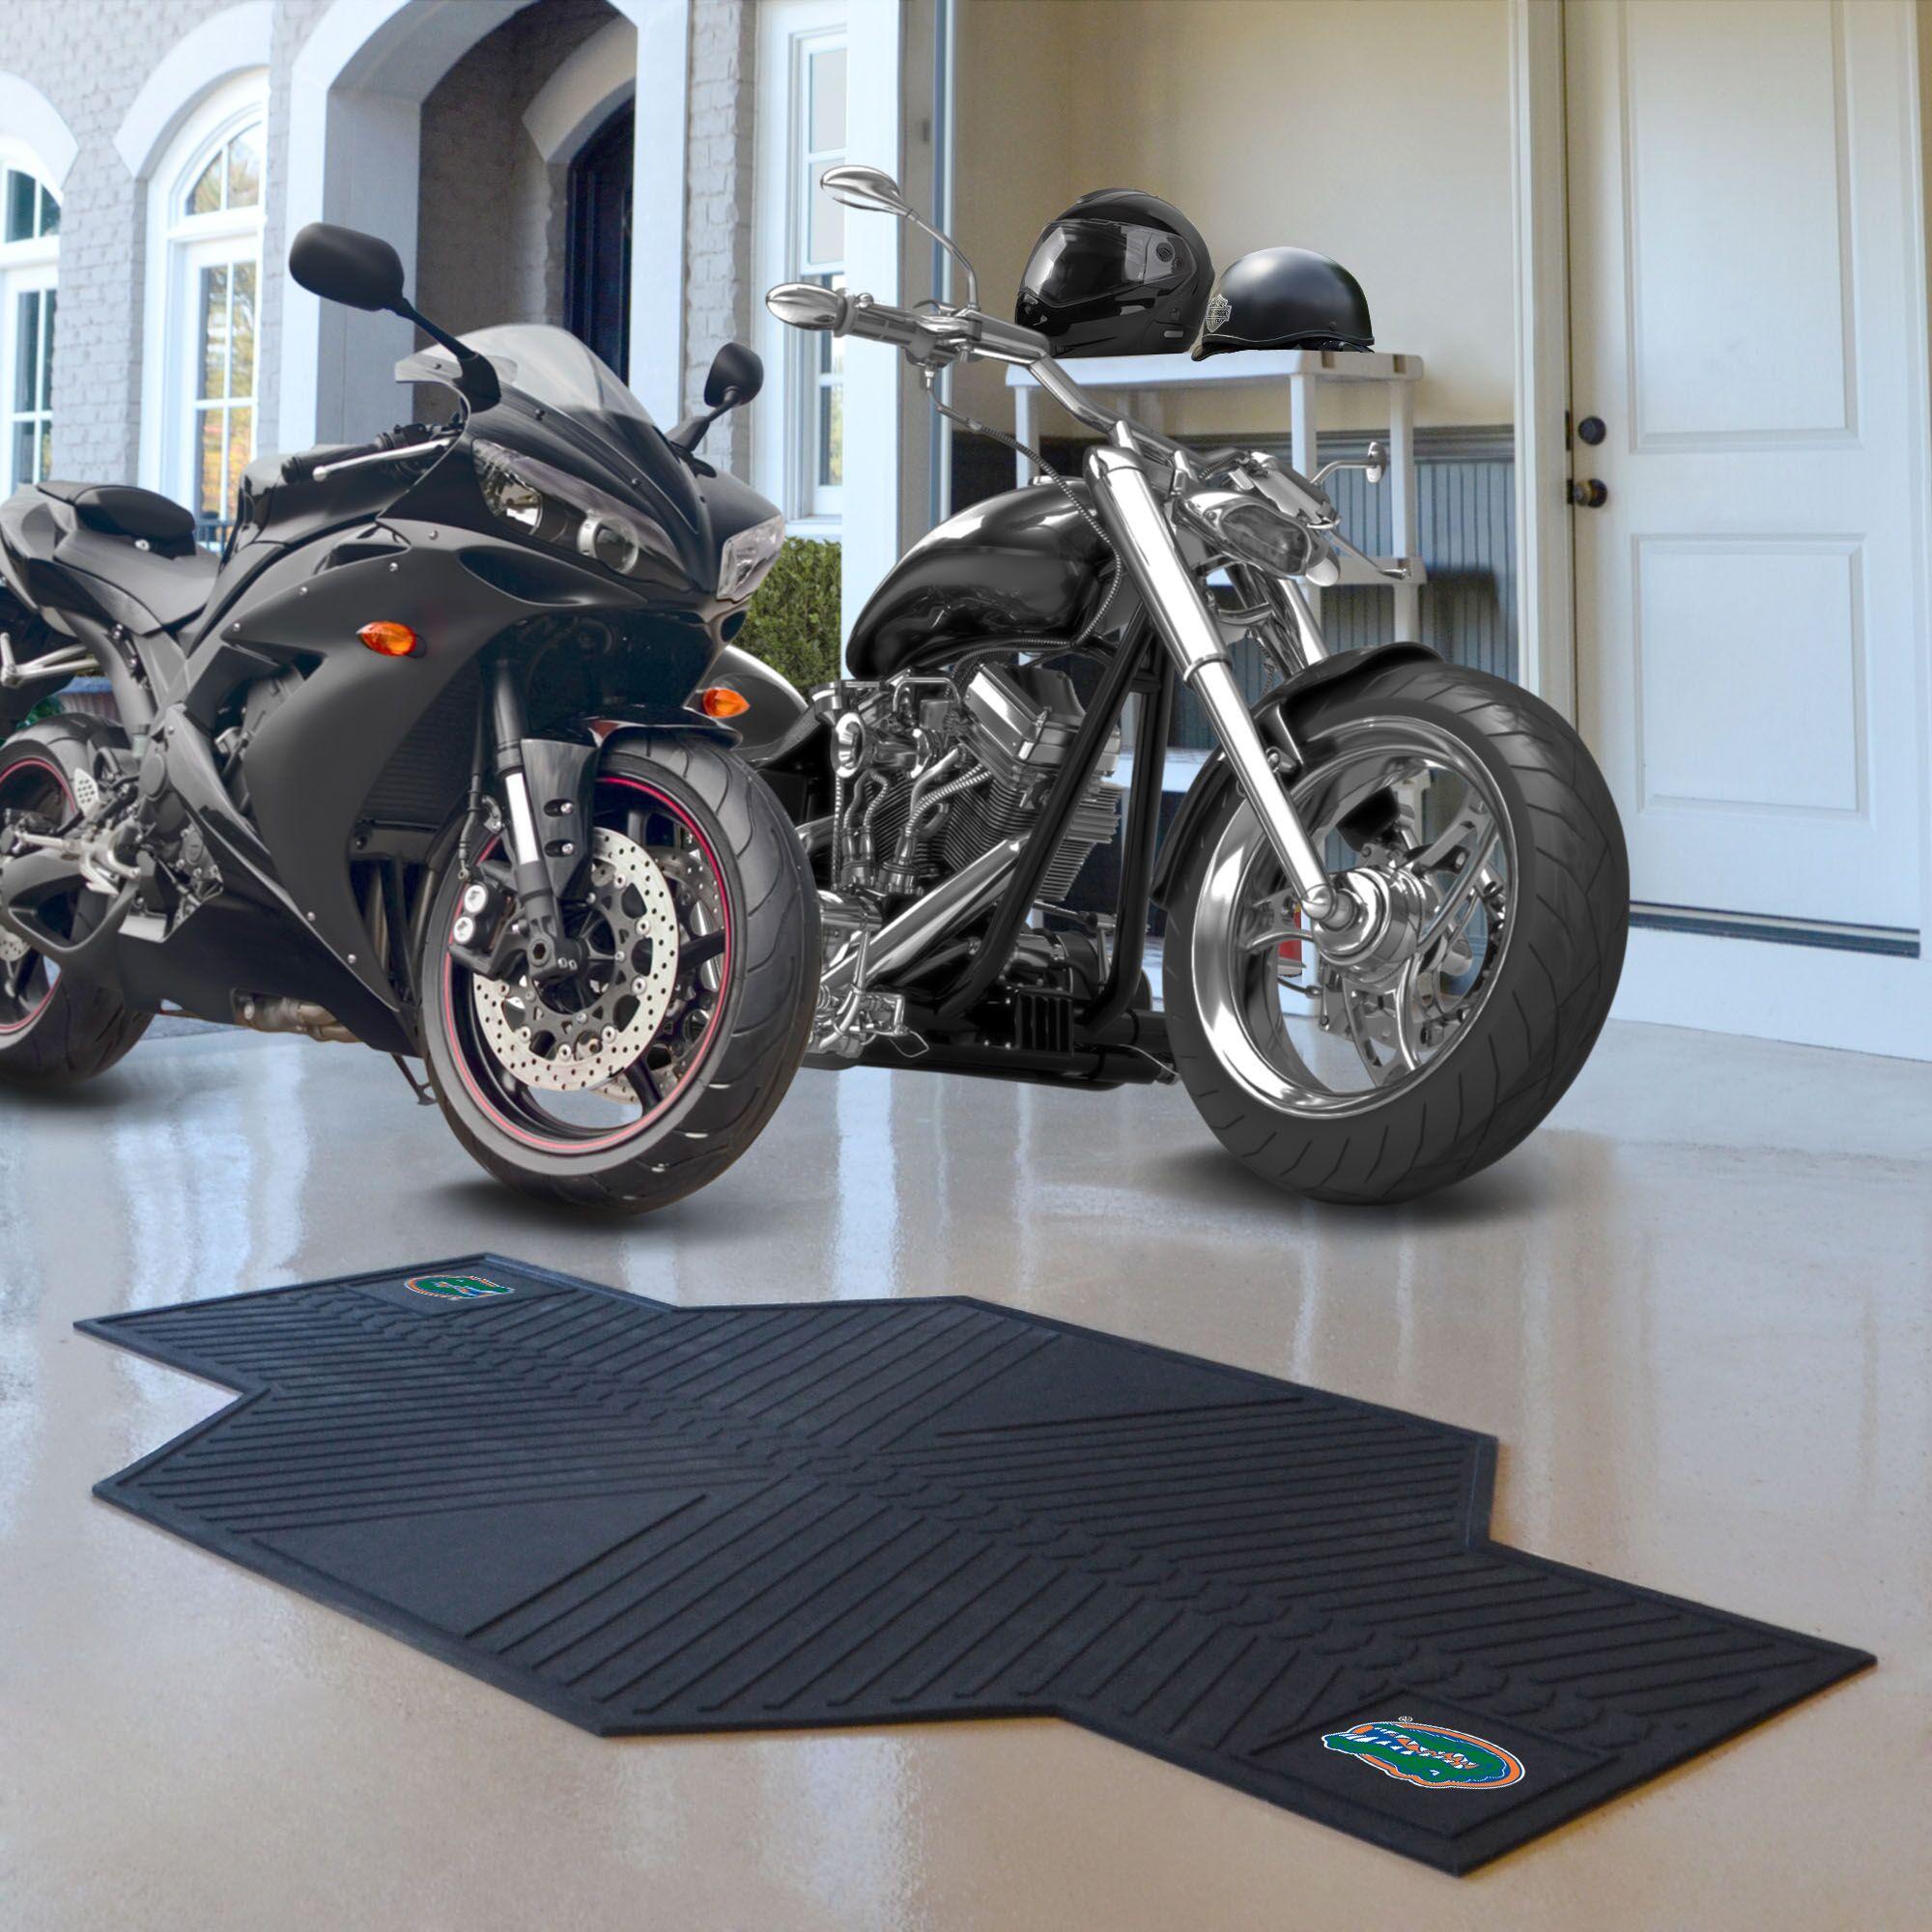 NCAA University of Florida Motorcycle Motorcycle Utility Mat